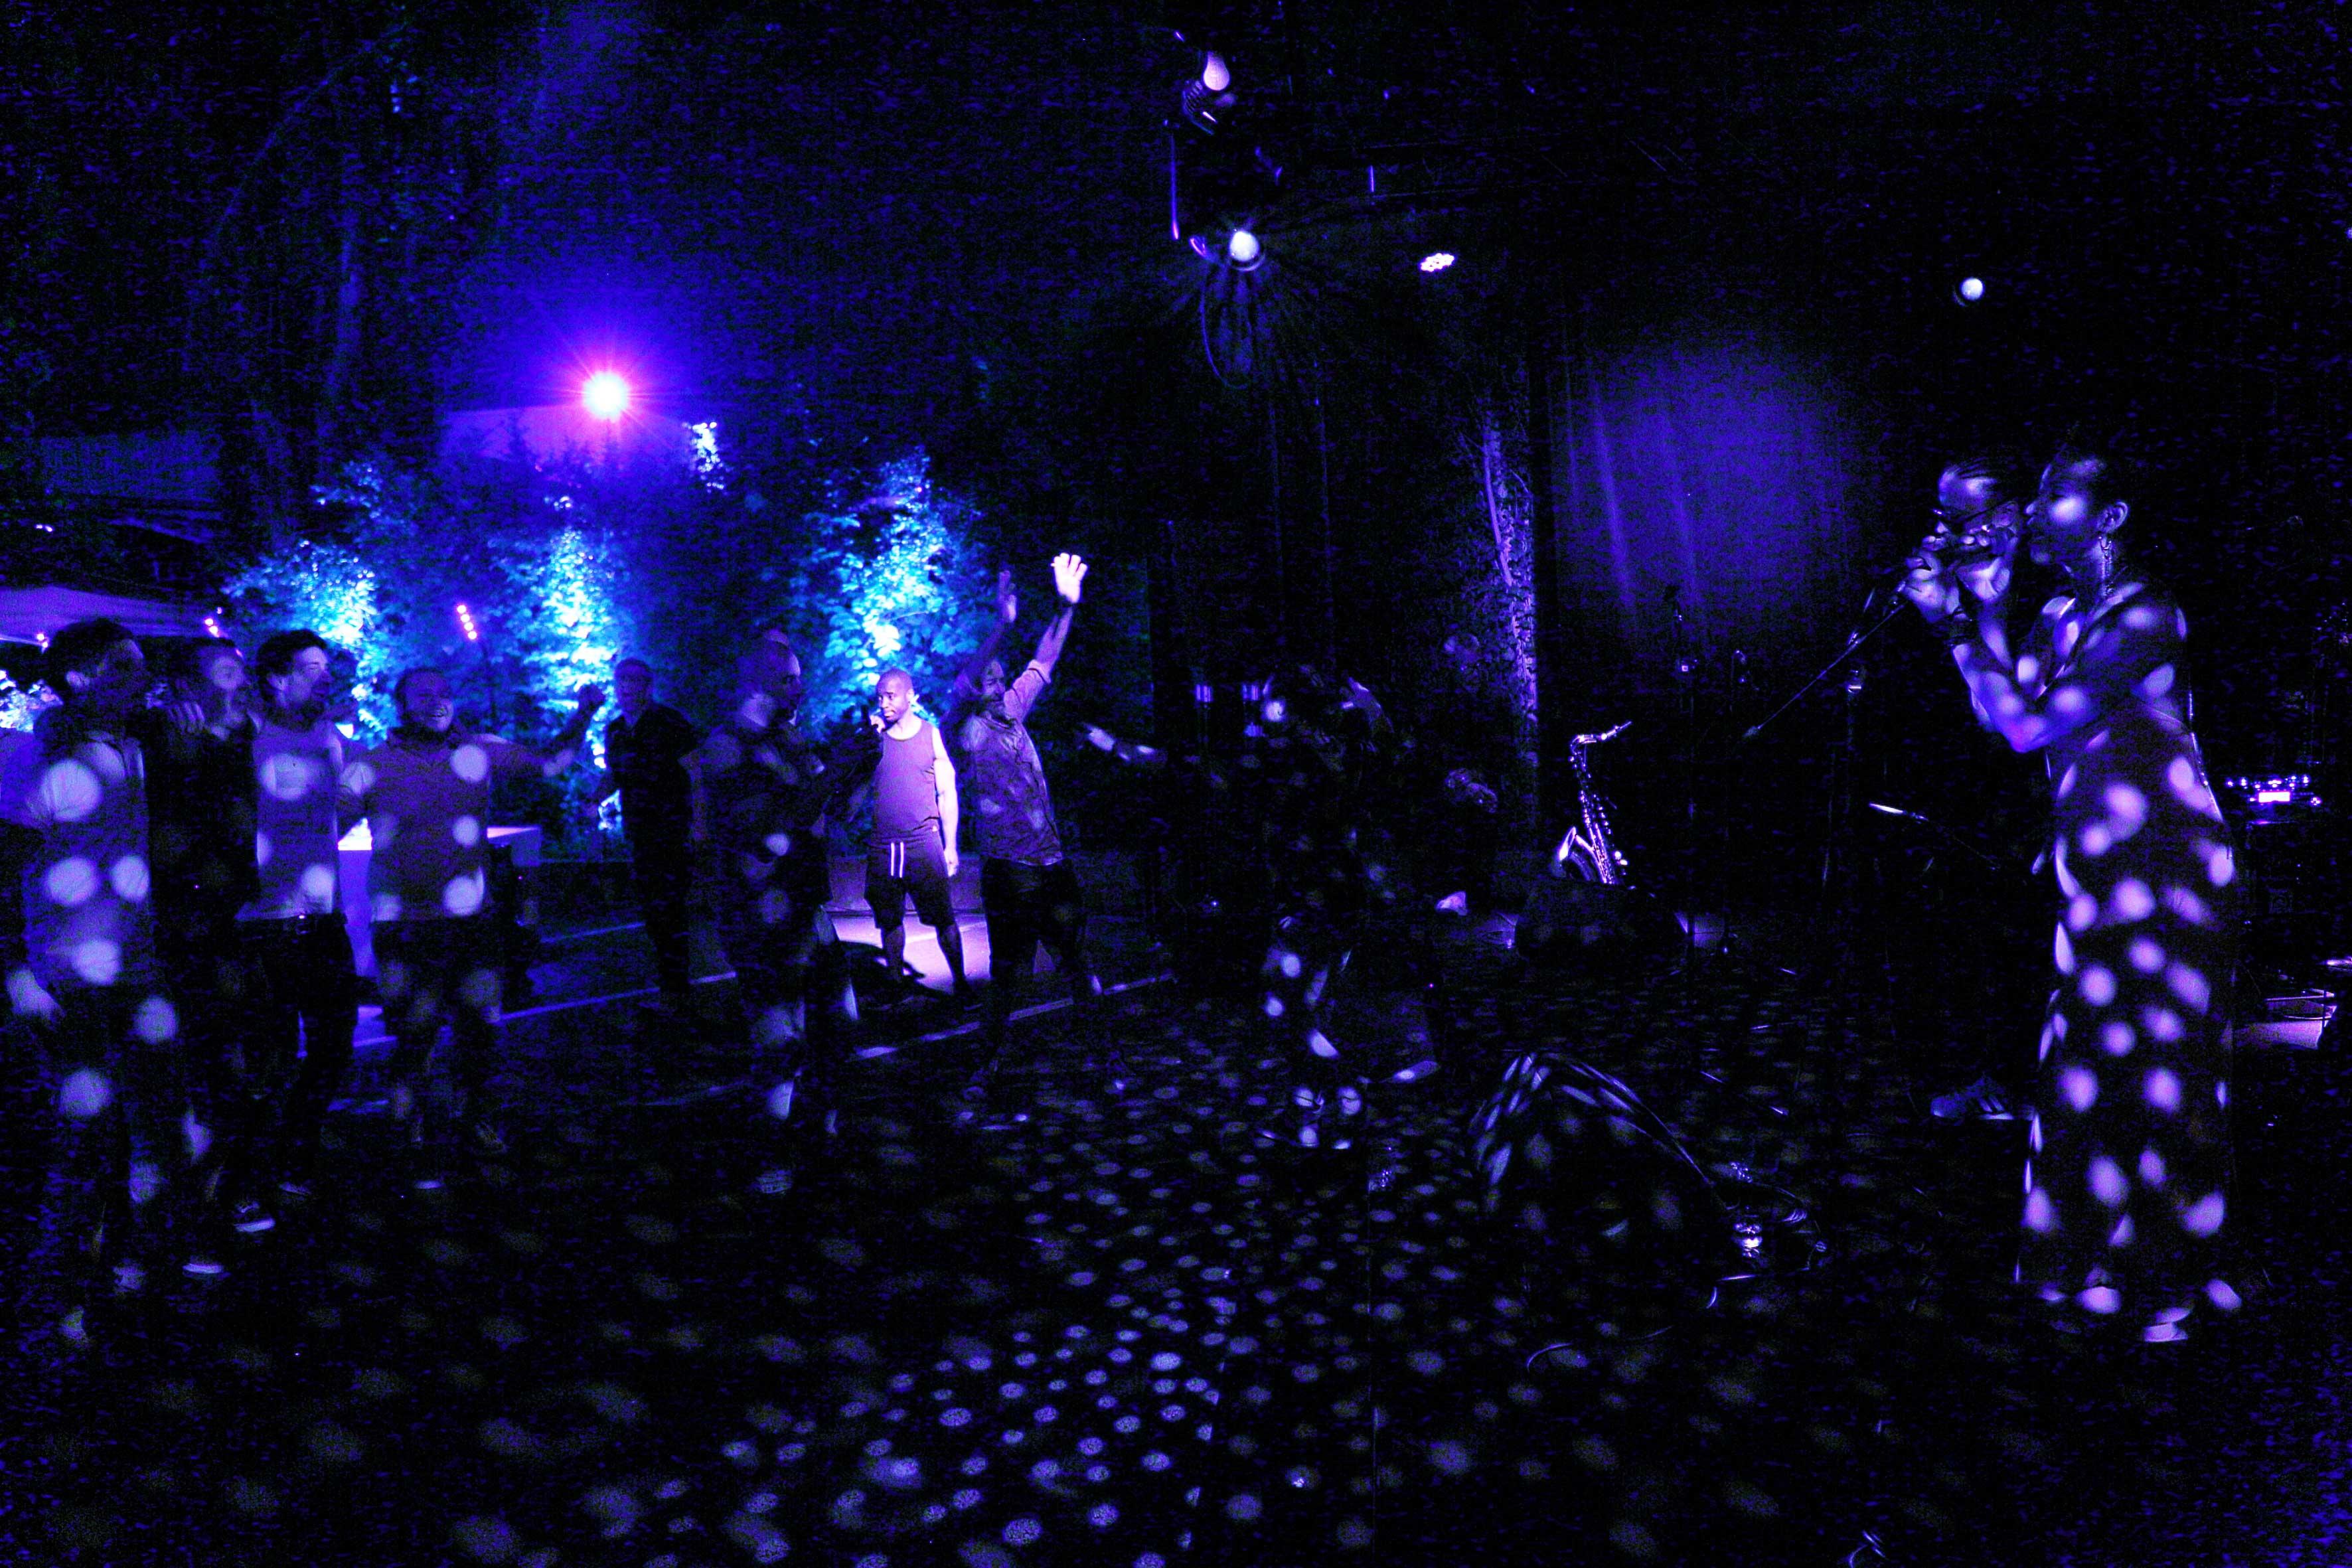 aucop-soiree-wissous-paris-music-events-agency-concert-29-juin-team-building-event-evenement-nice-audiovisuel